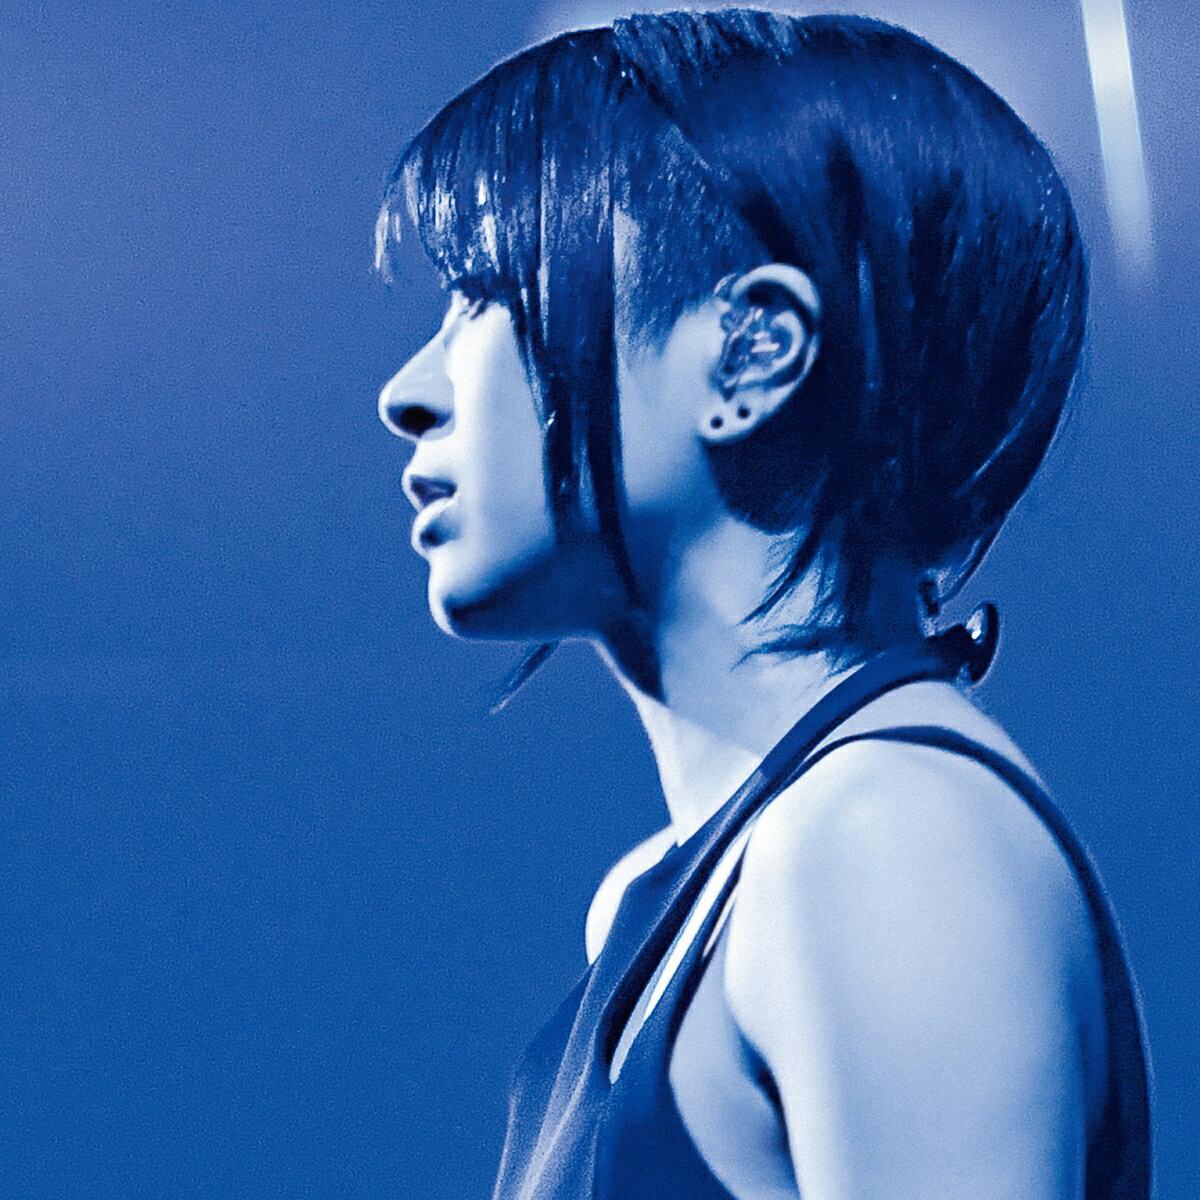 【発売日以降お届け(発送時期未定)】【先着特典】Hikaru Utada Laughter in the Dark Tour 2018(完全生産限定スペシャルパッケージ) (オリジナルネックストラップ付き)【Blu-ray】